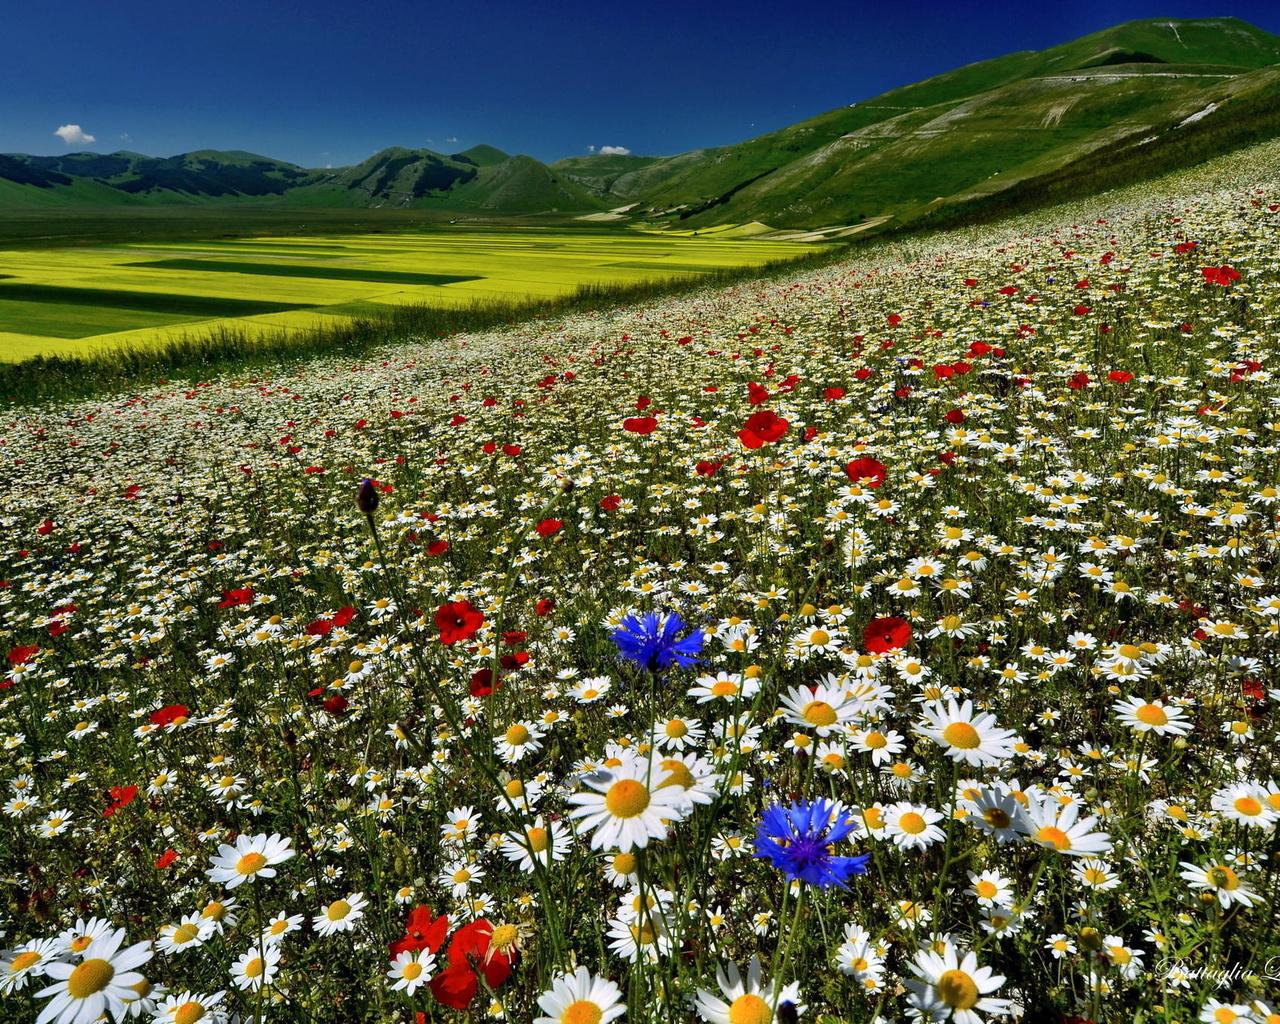 картинка поле цветов и горы подарков славится только